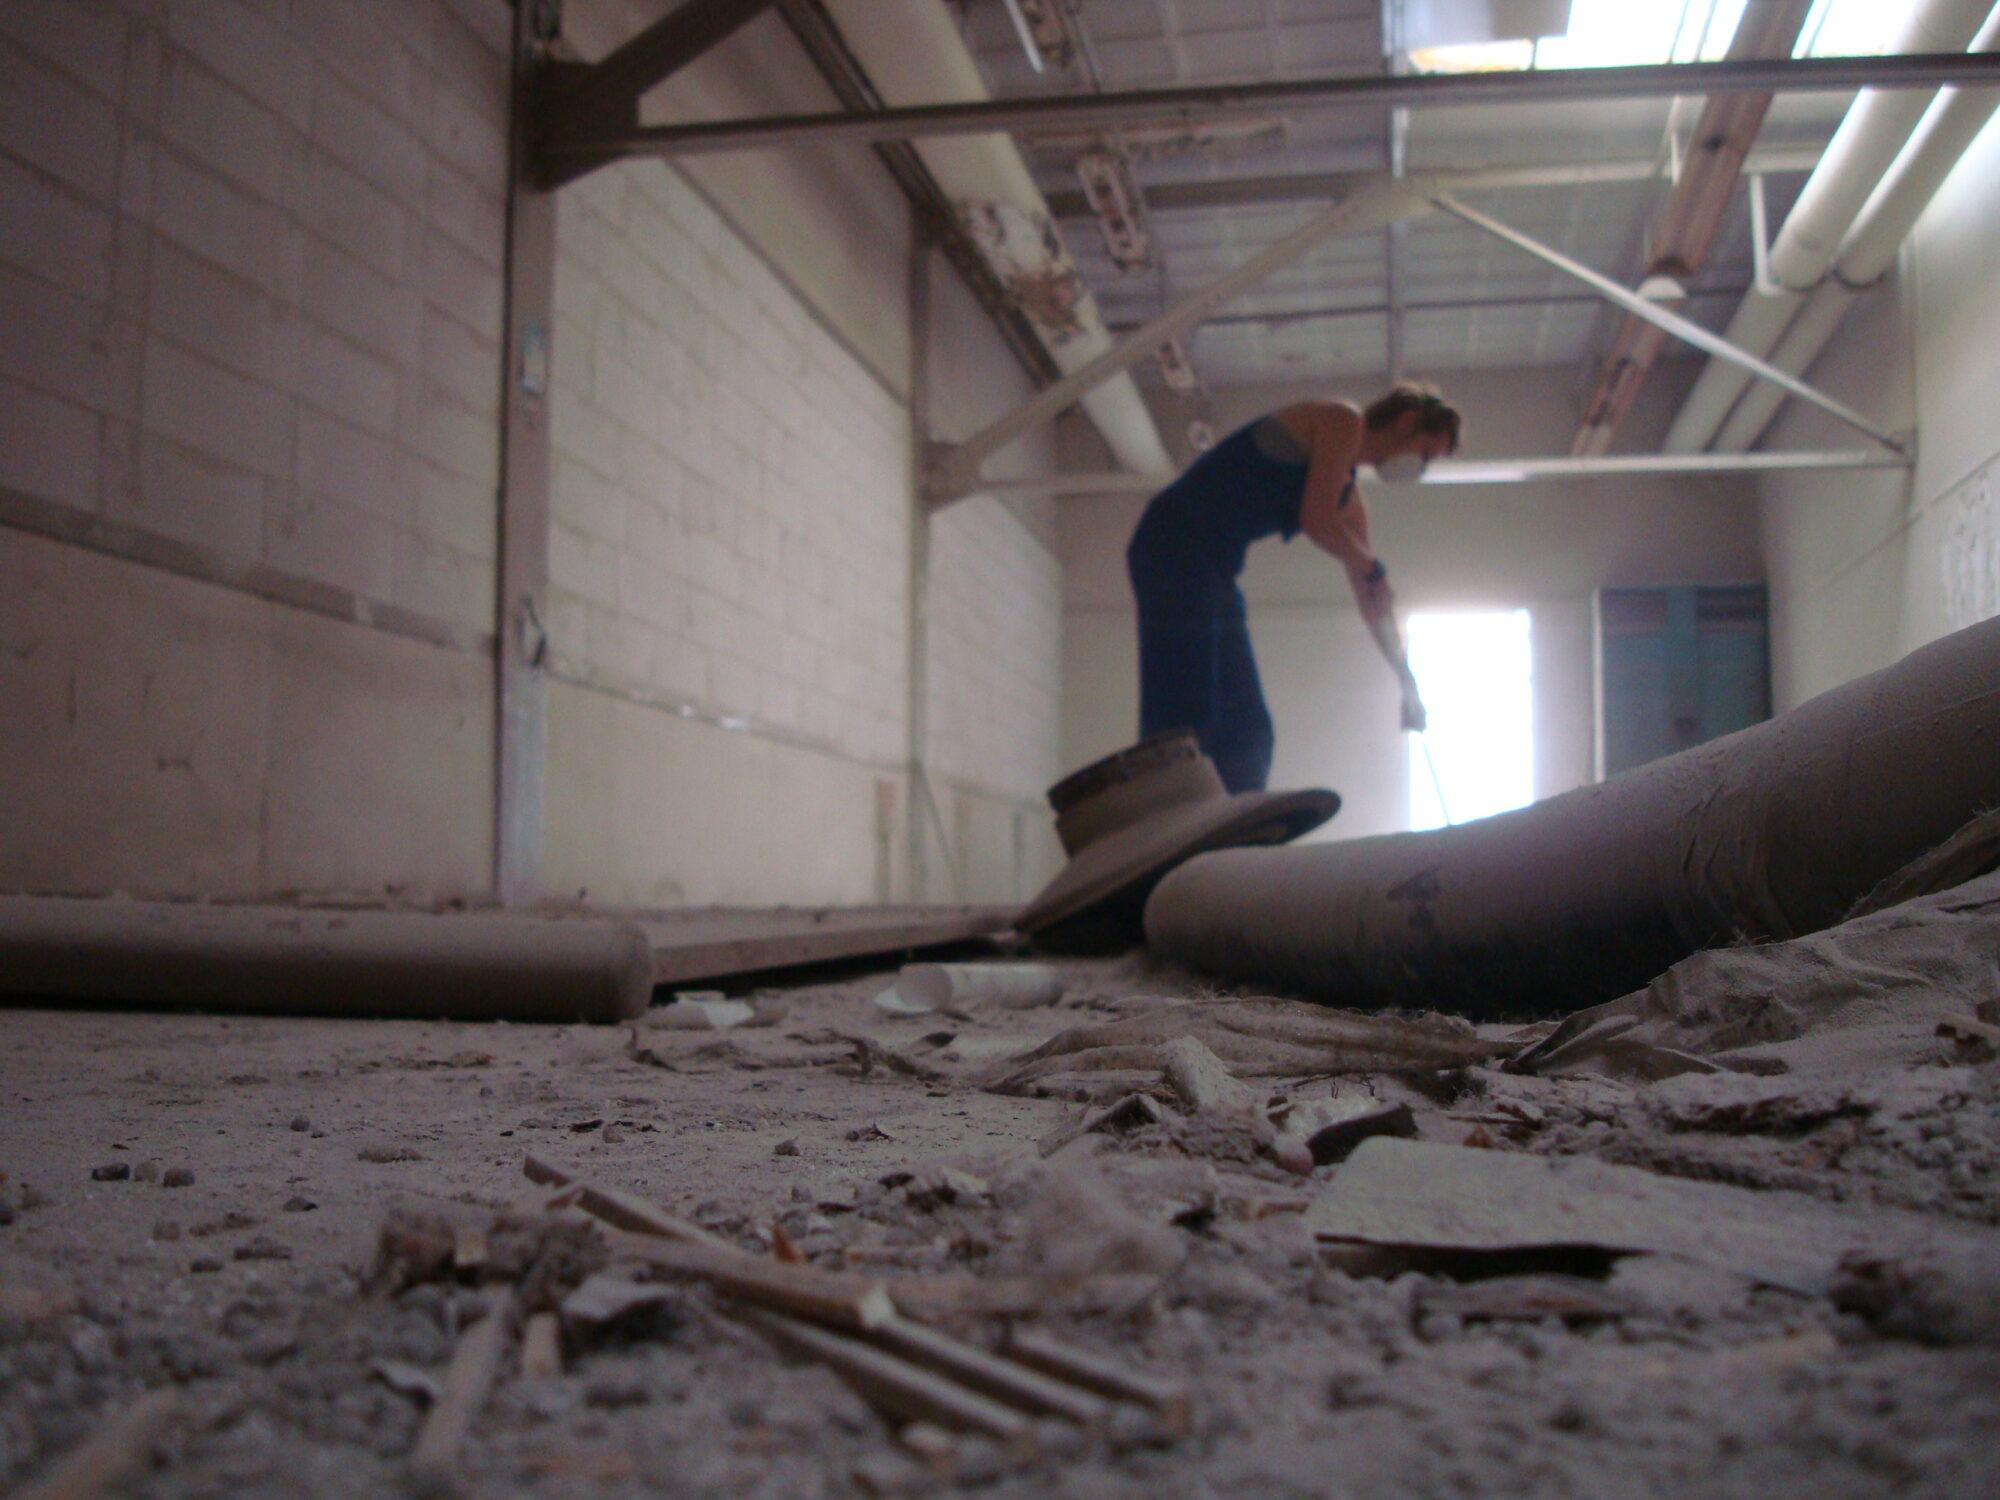 In de oude Kabelfabriek moest nog veel gebeuren toen we er onze intrek namen. Er was veel achterstallig onderhoud.